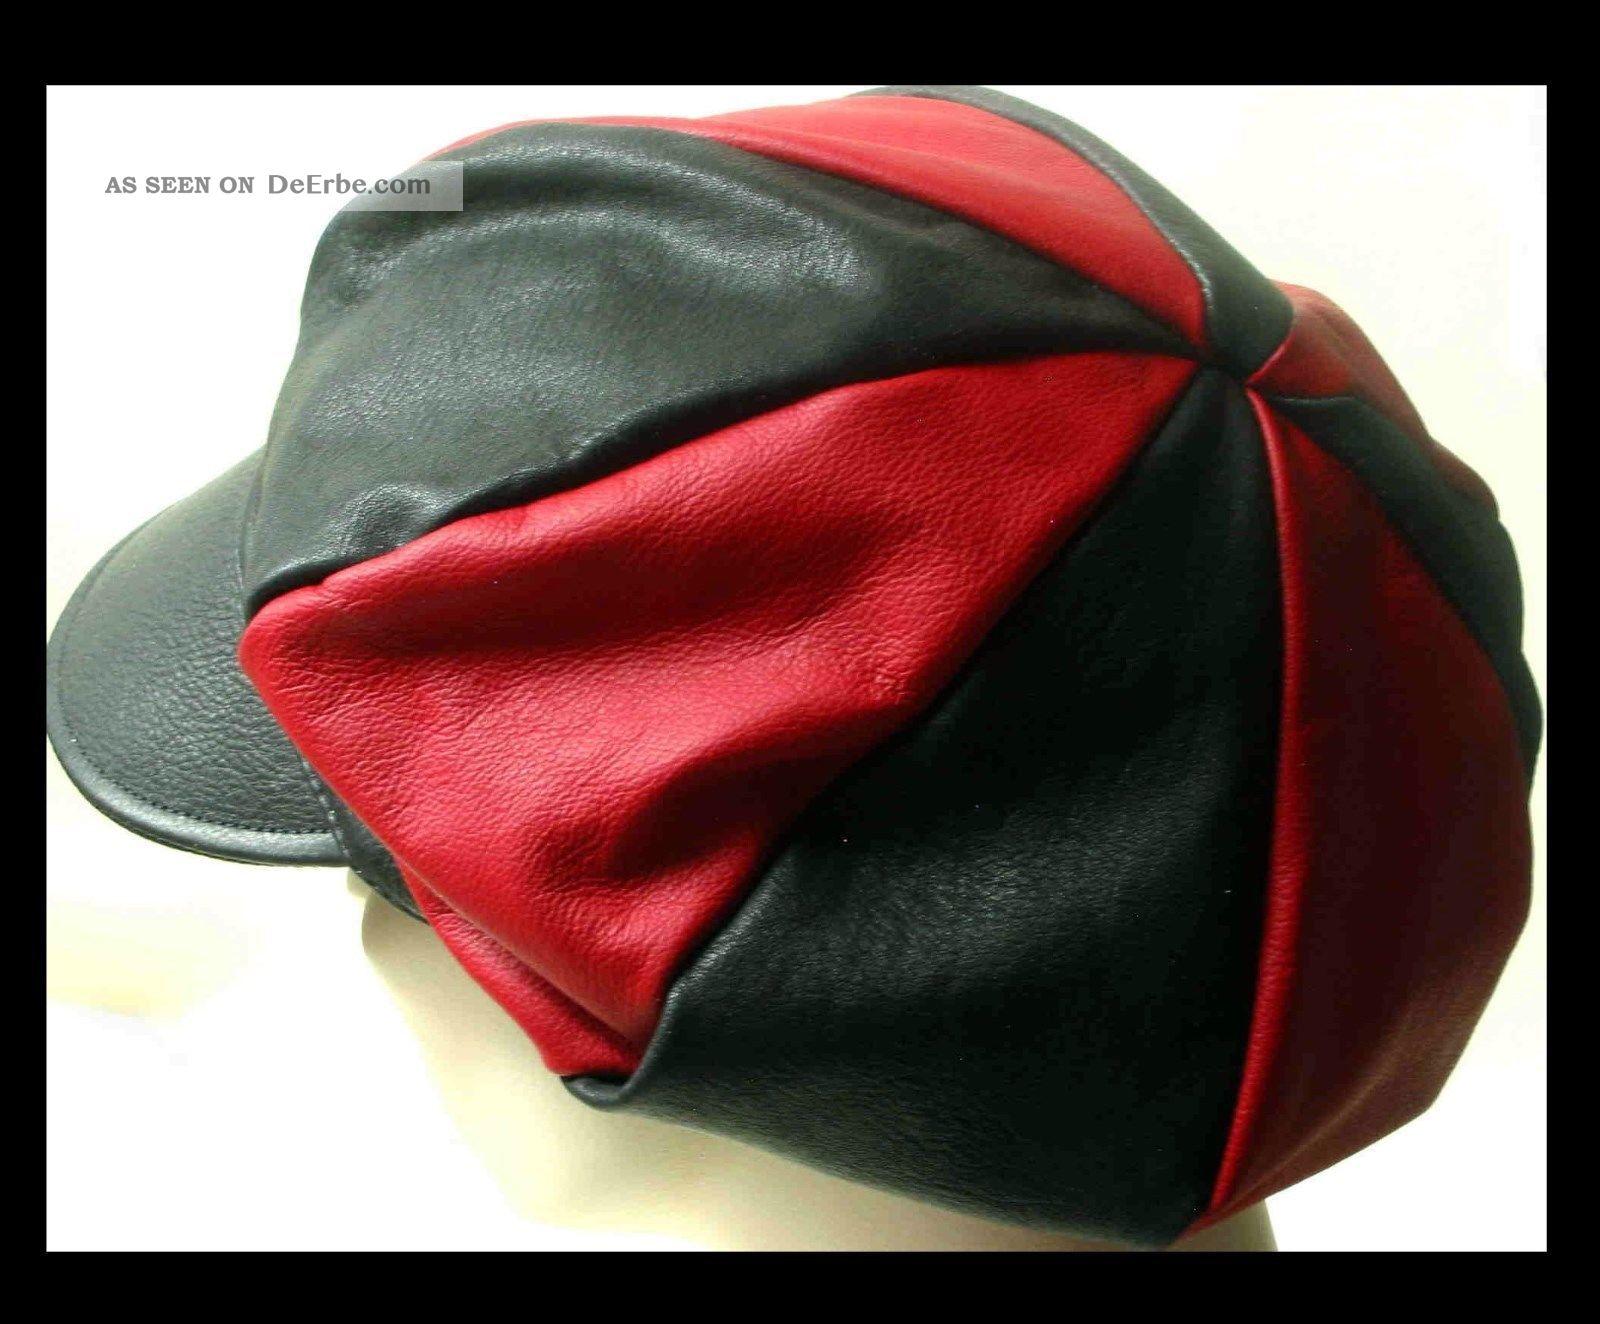 First Class Ballonkappe Leder Cap Kappe 1a Lederkappe 2 - Farbig Schwarz - Rot Accessoires Bild